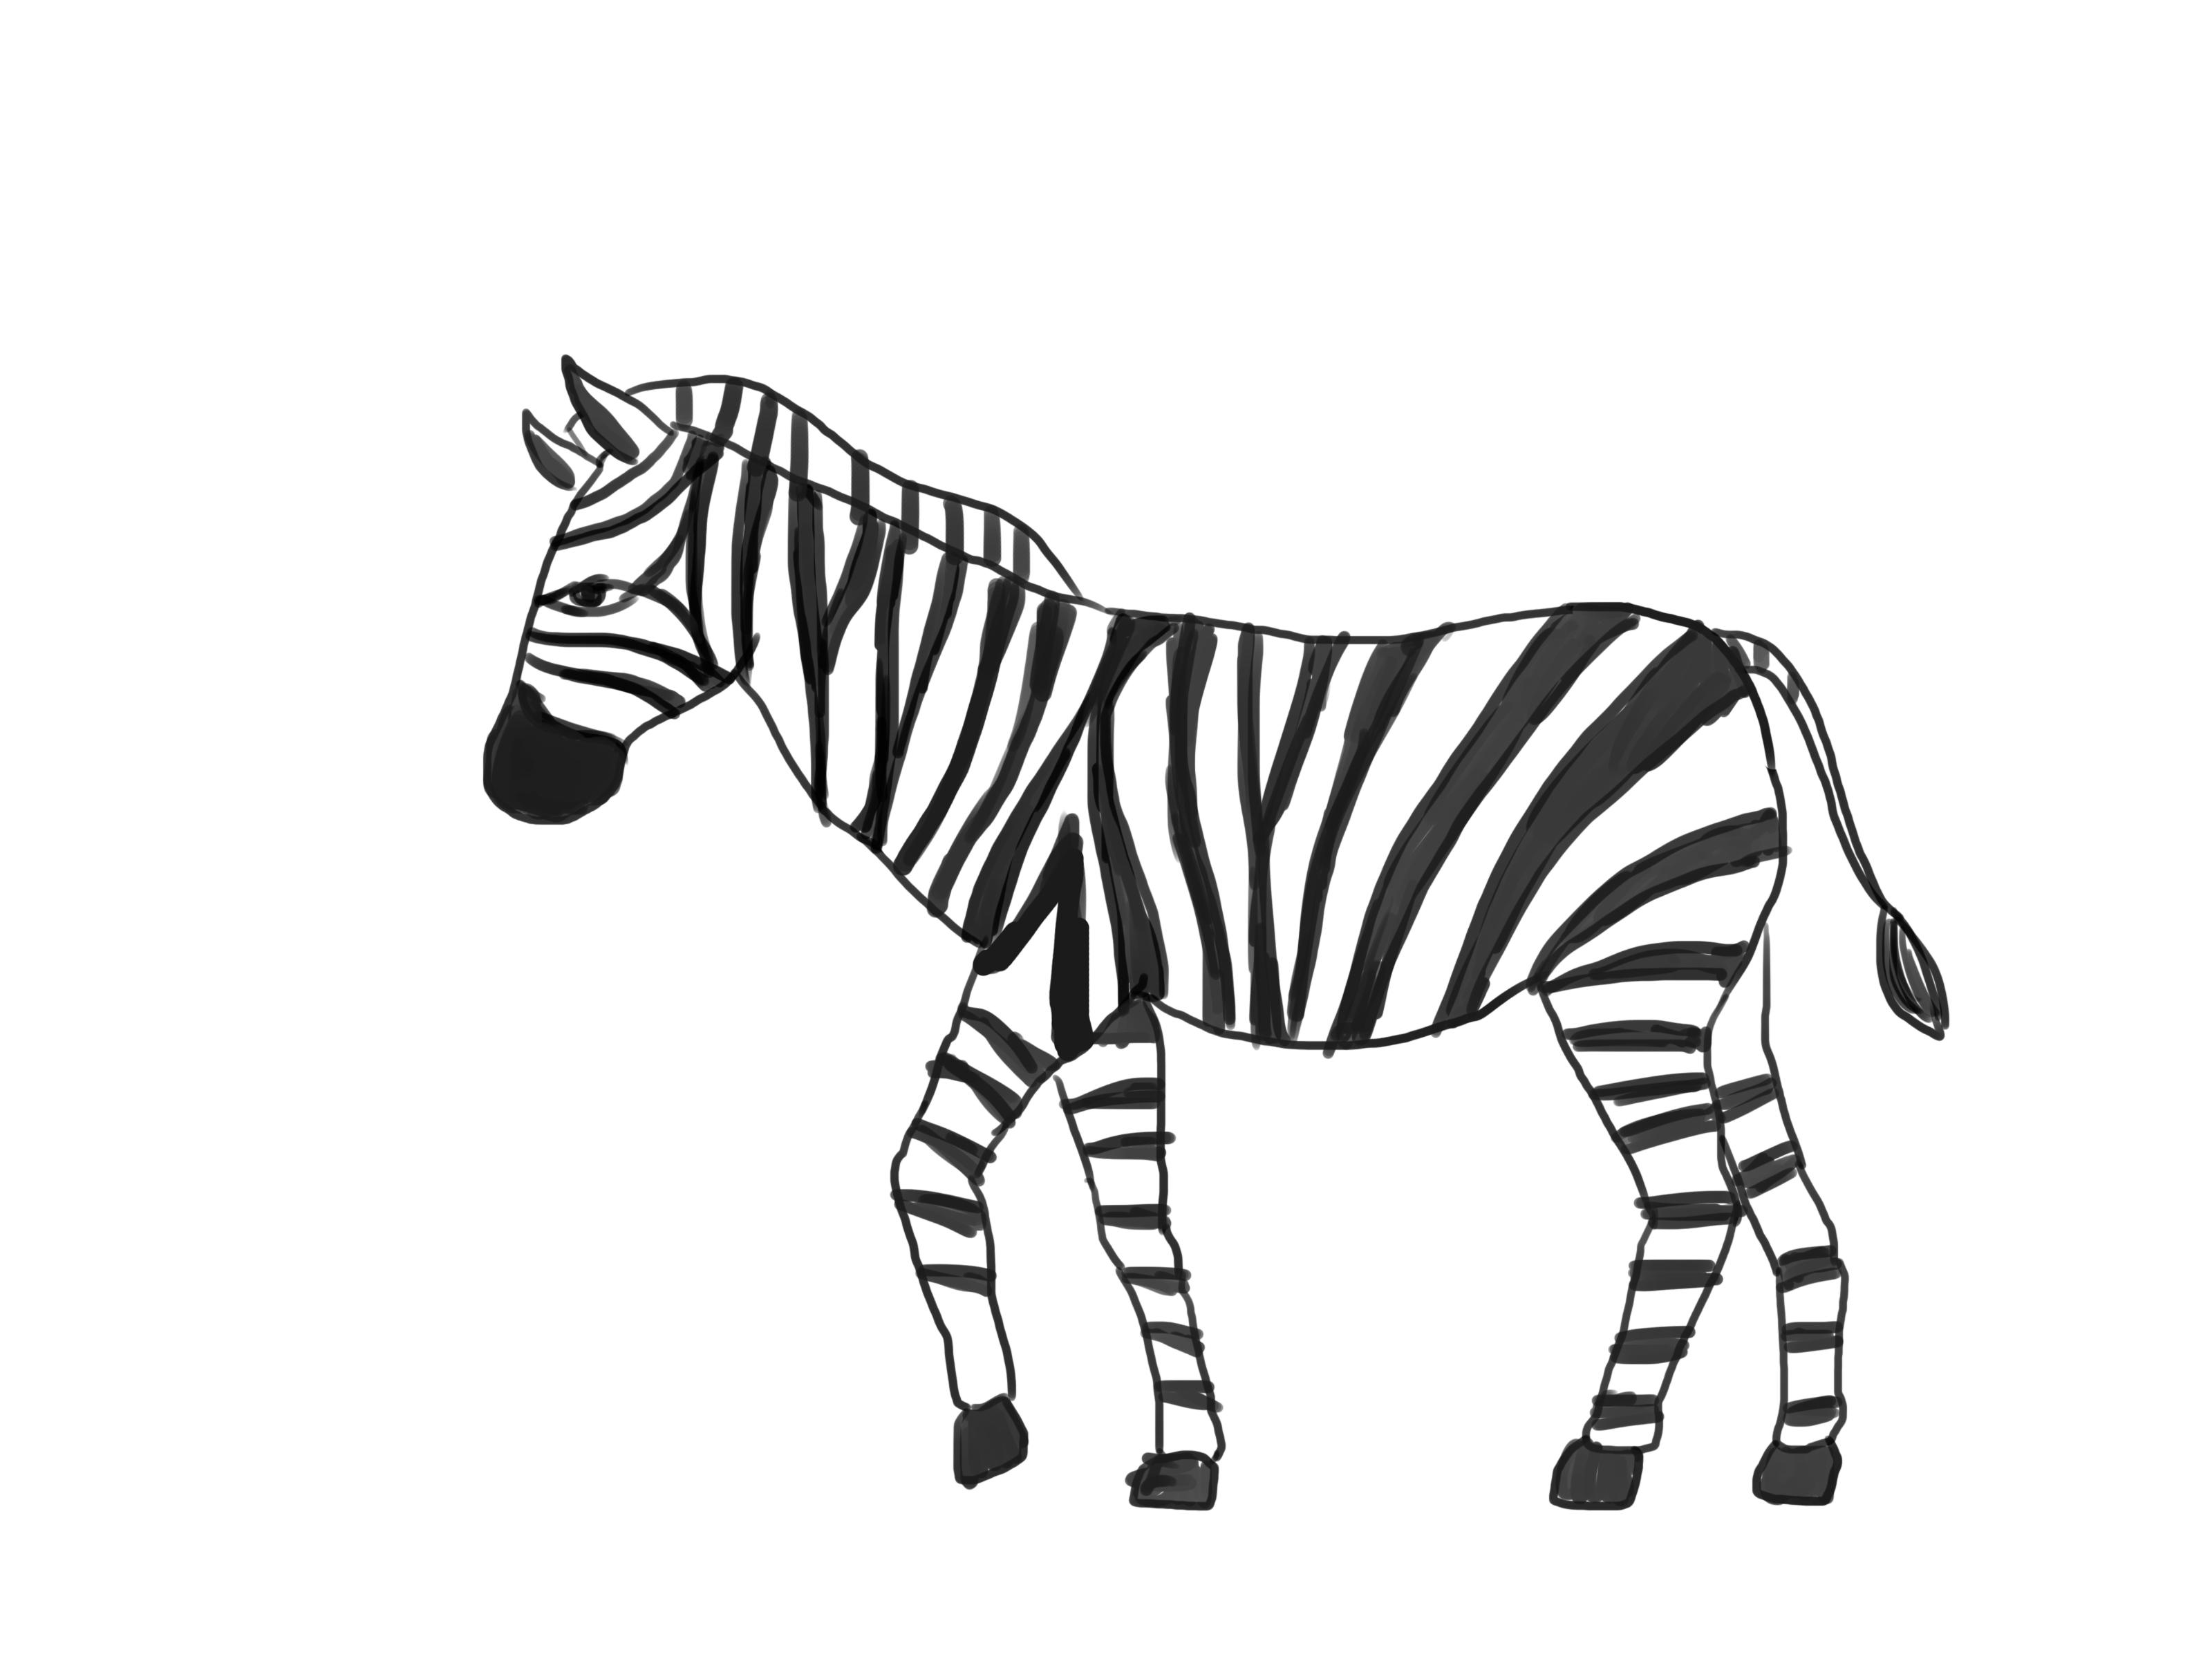 Drawn zebra To Zebra a  (with